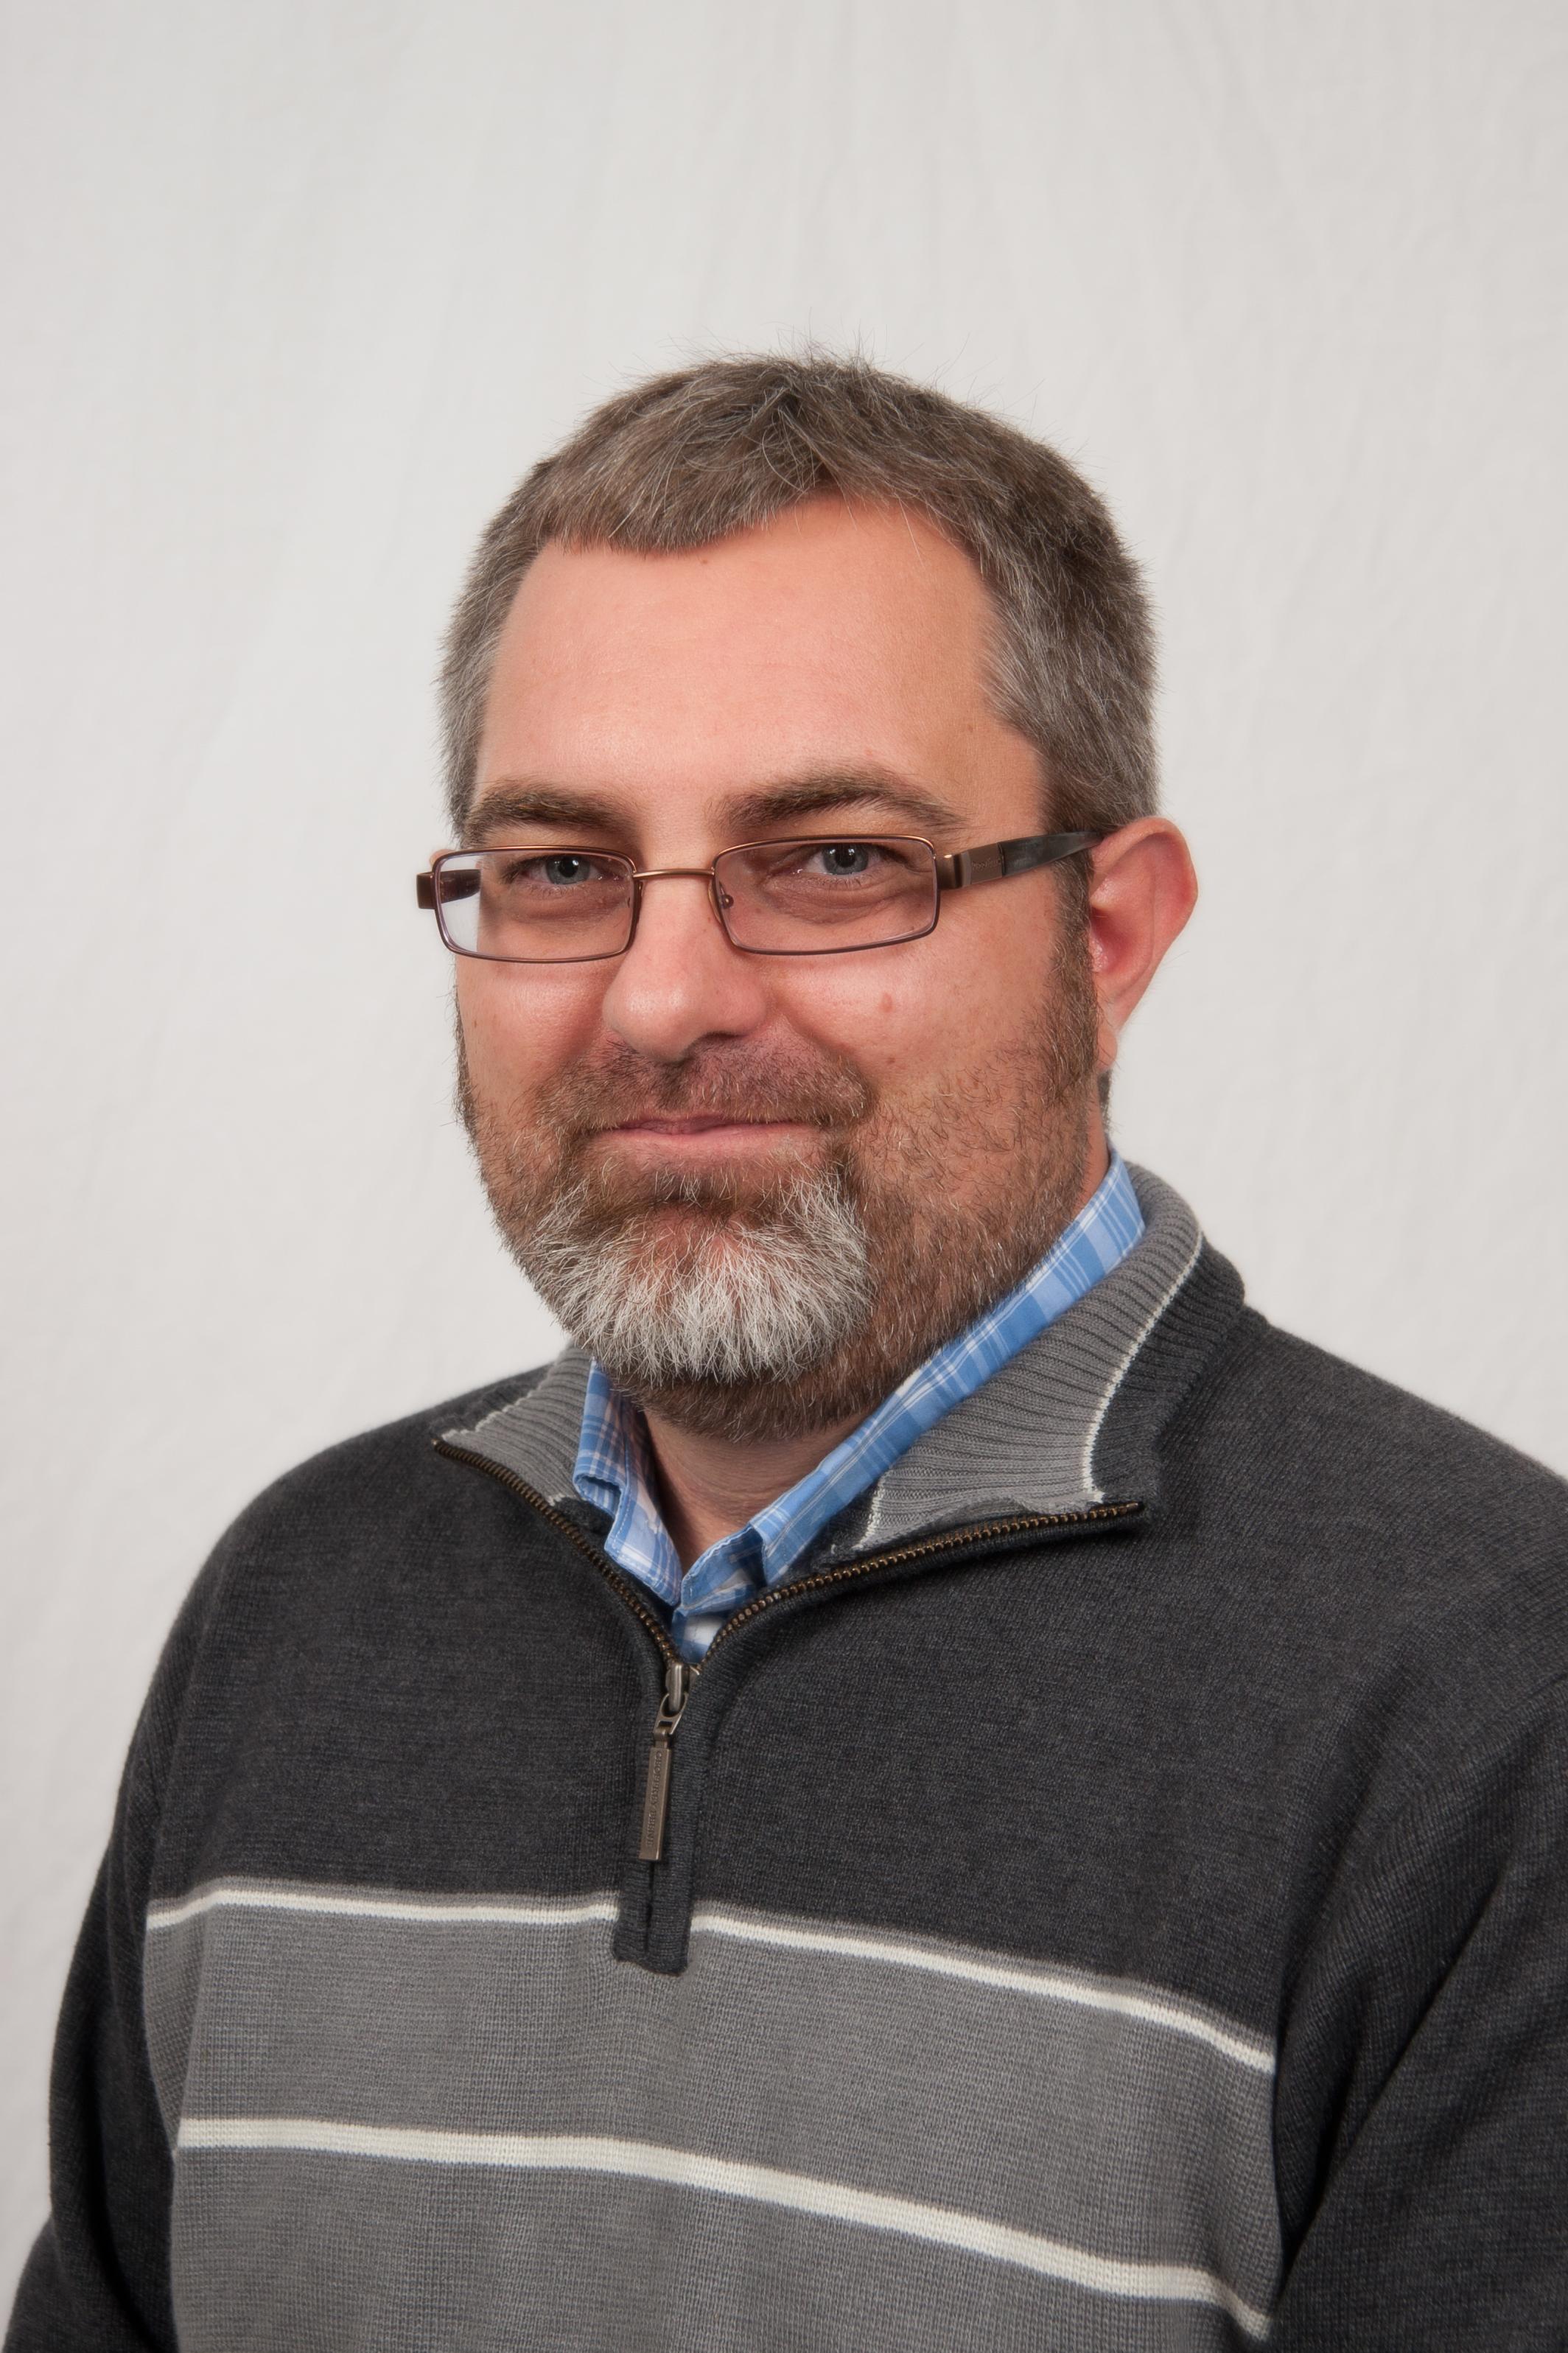 Stuart Spillman